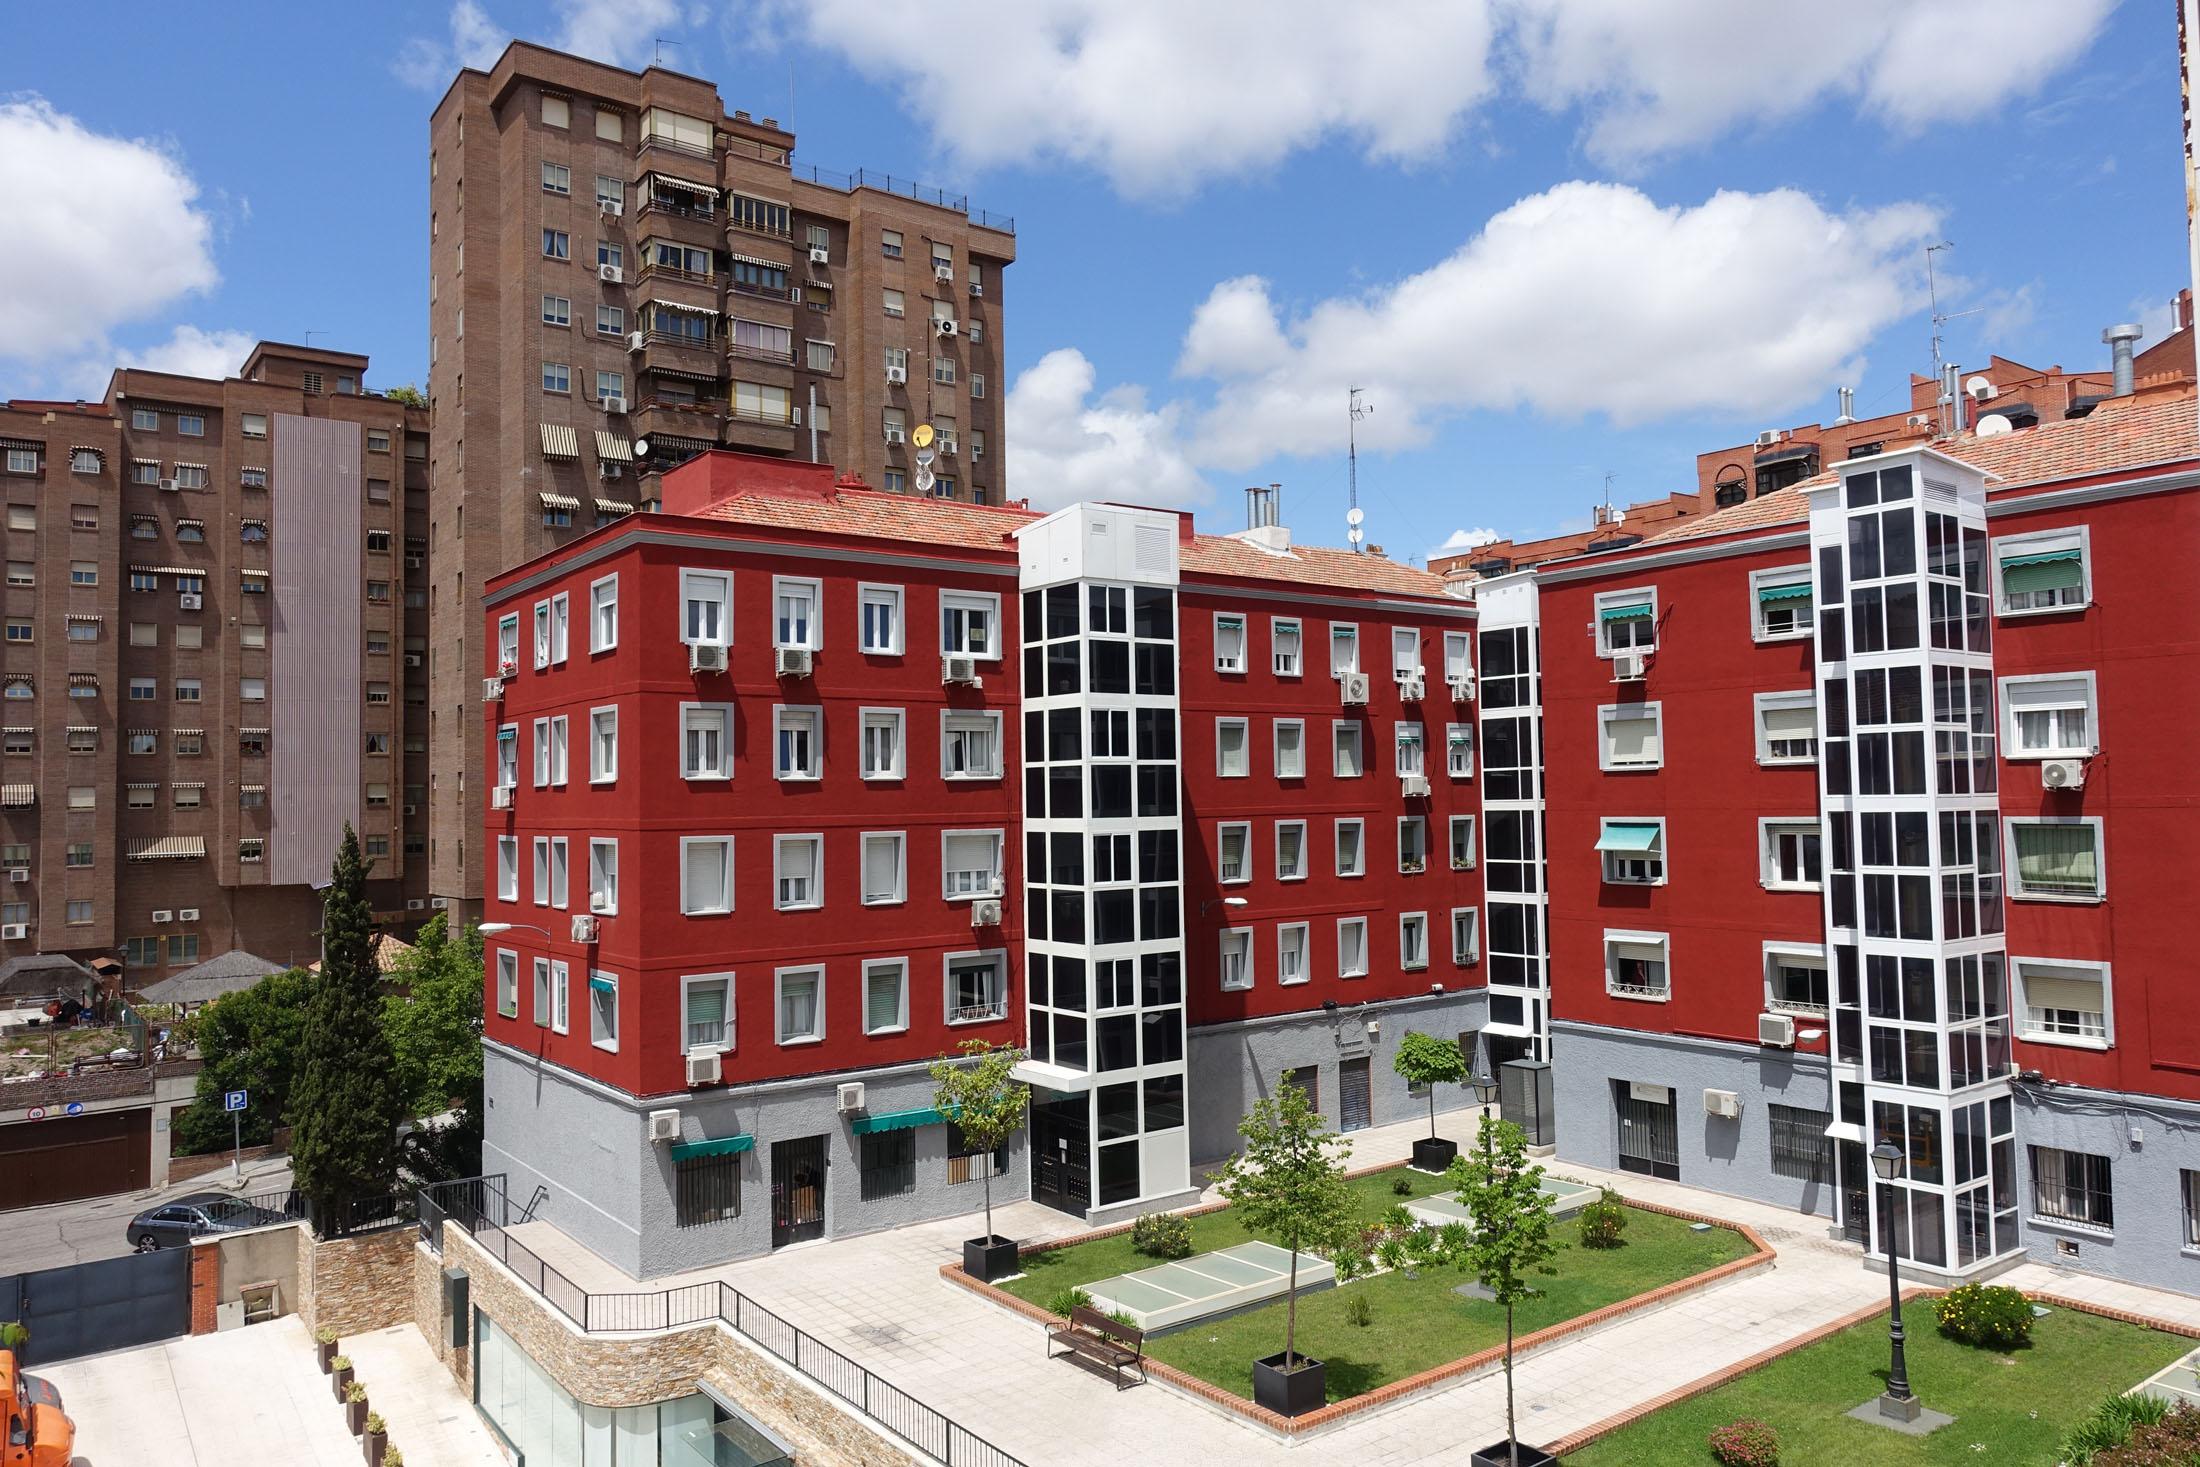 Venta de piso Madrid-Retiro, 2 dormitorios. Muy luminoso. Ascensor